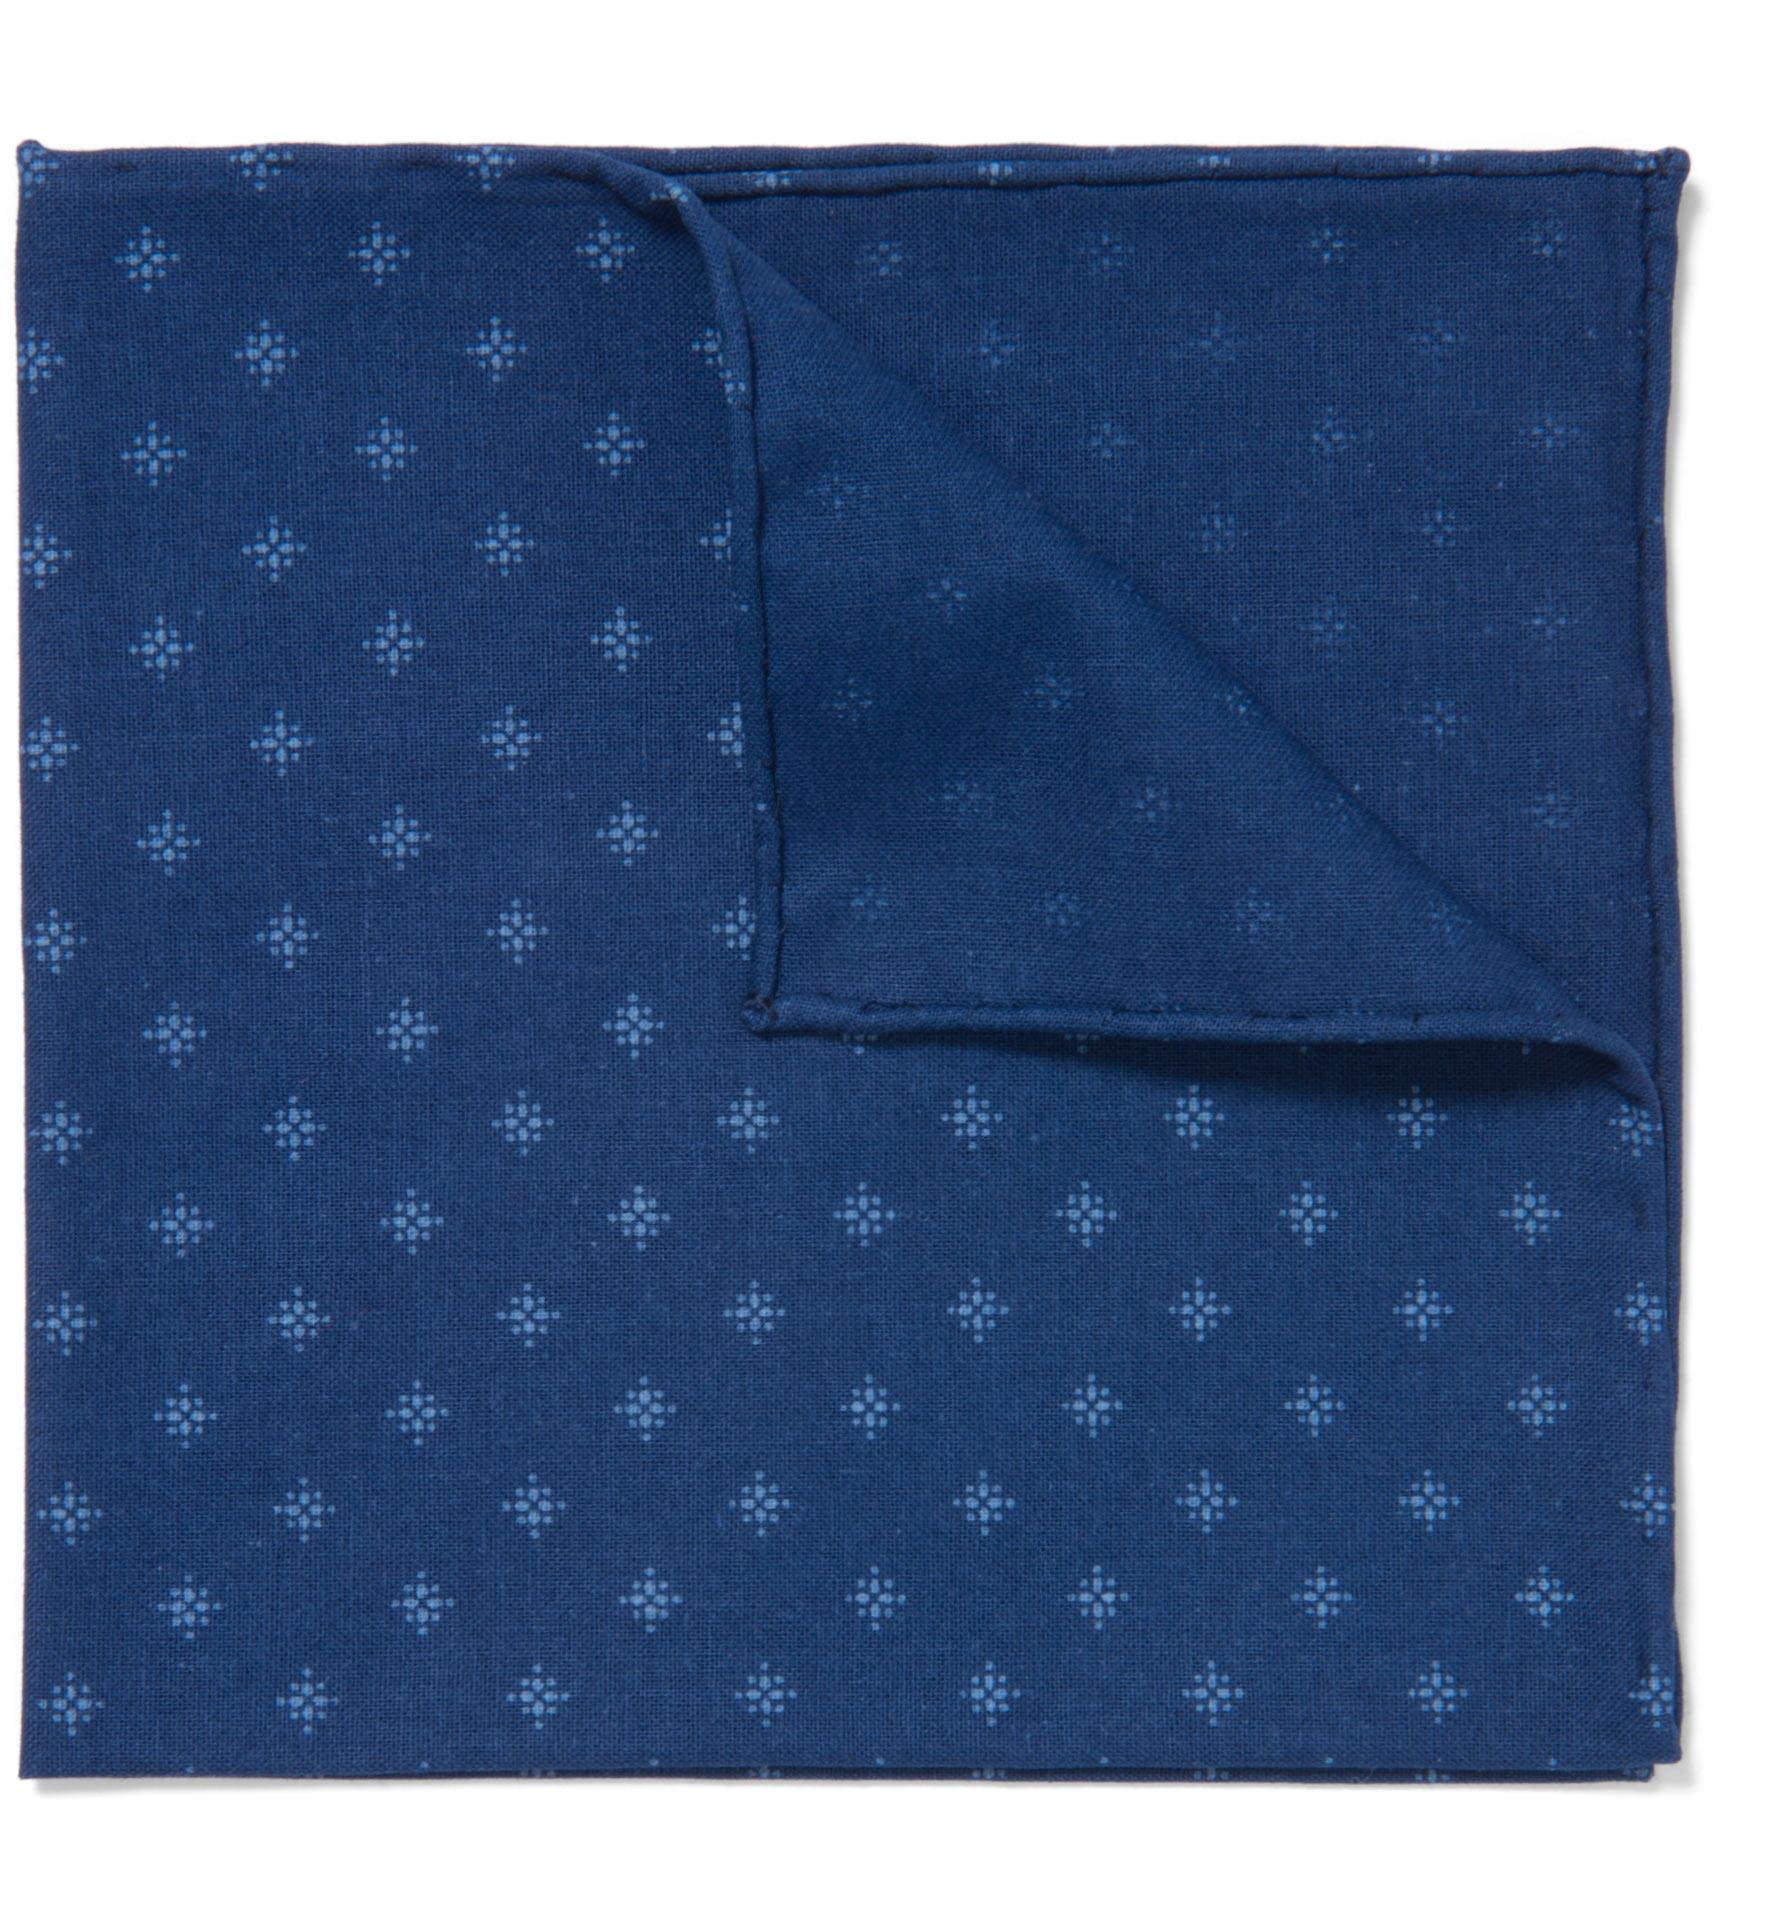 Zoom Image of Japanese Star Indigo Pocket Square